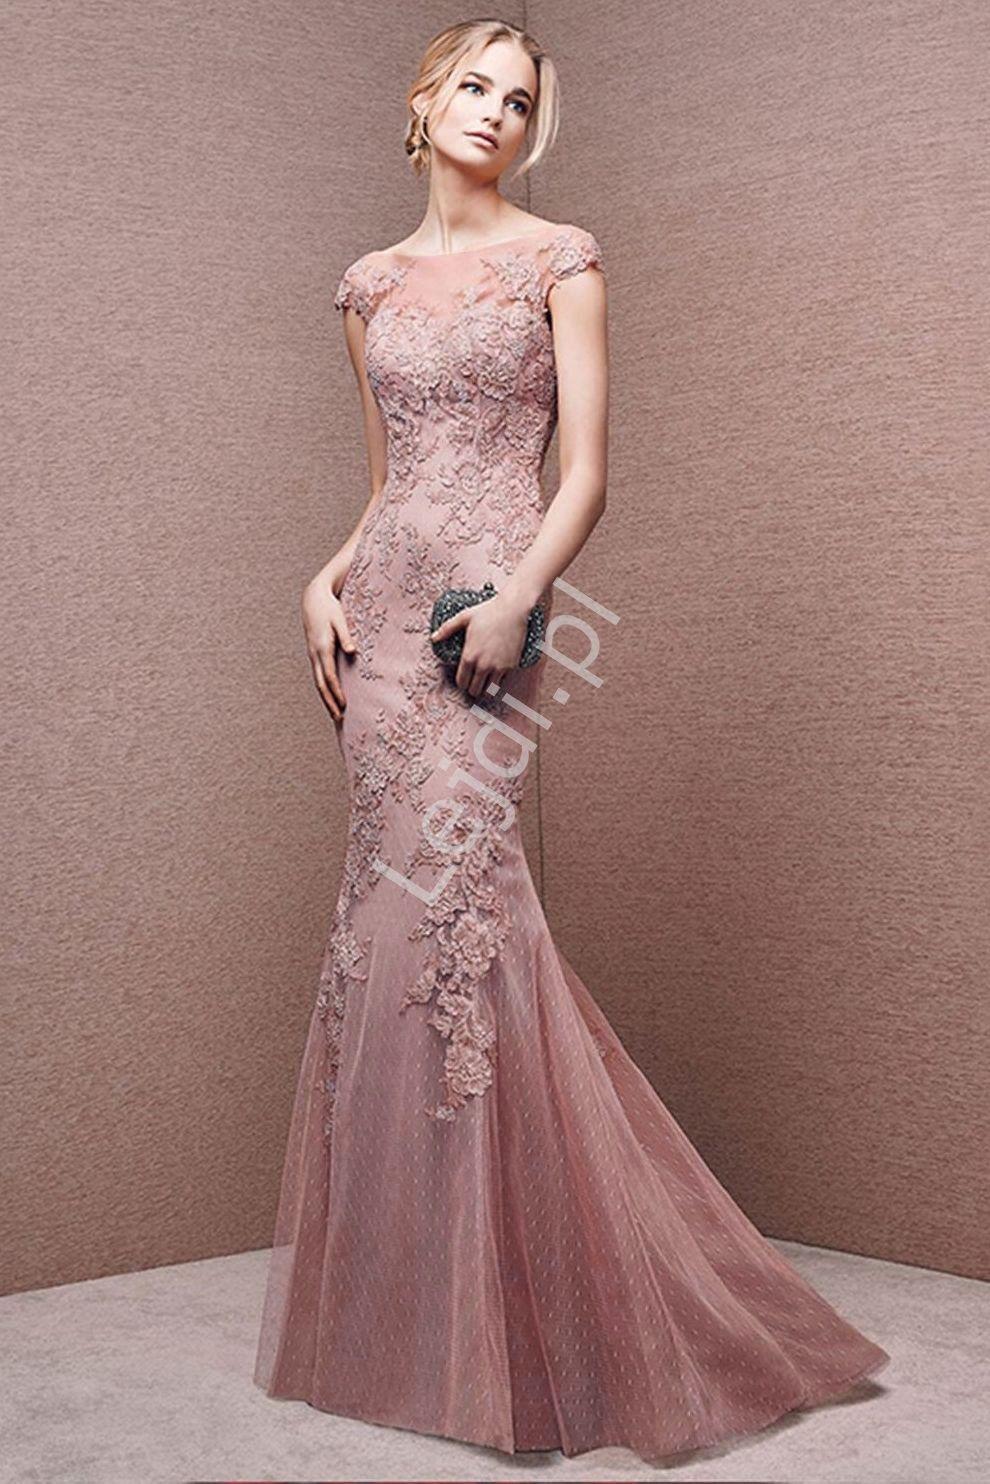 0214a8a7f2b Przepiękna suknia wieczorowa w kolorze zgaszonego różu. Fason blisko ...